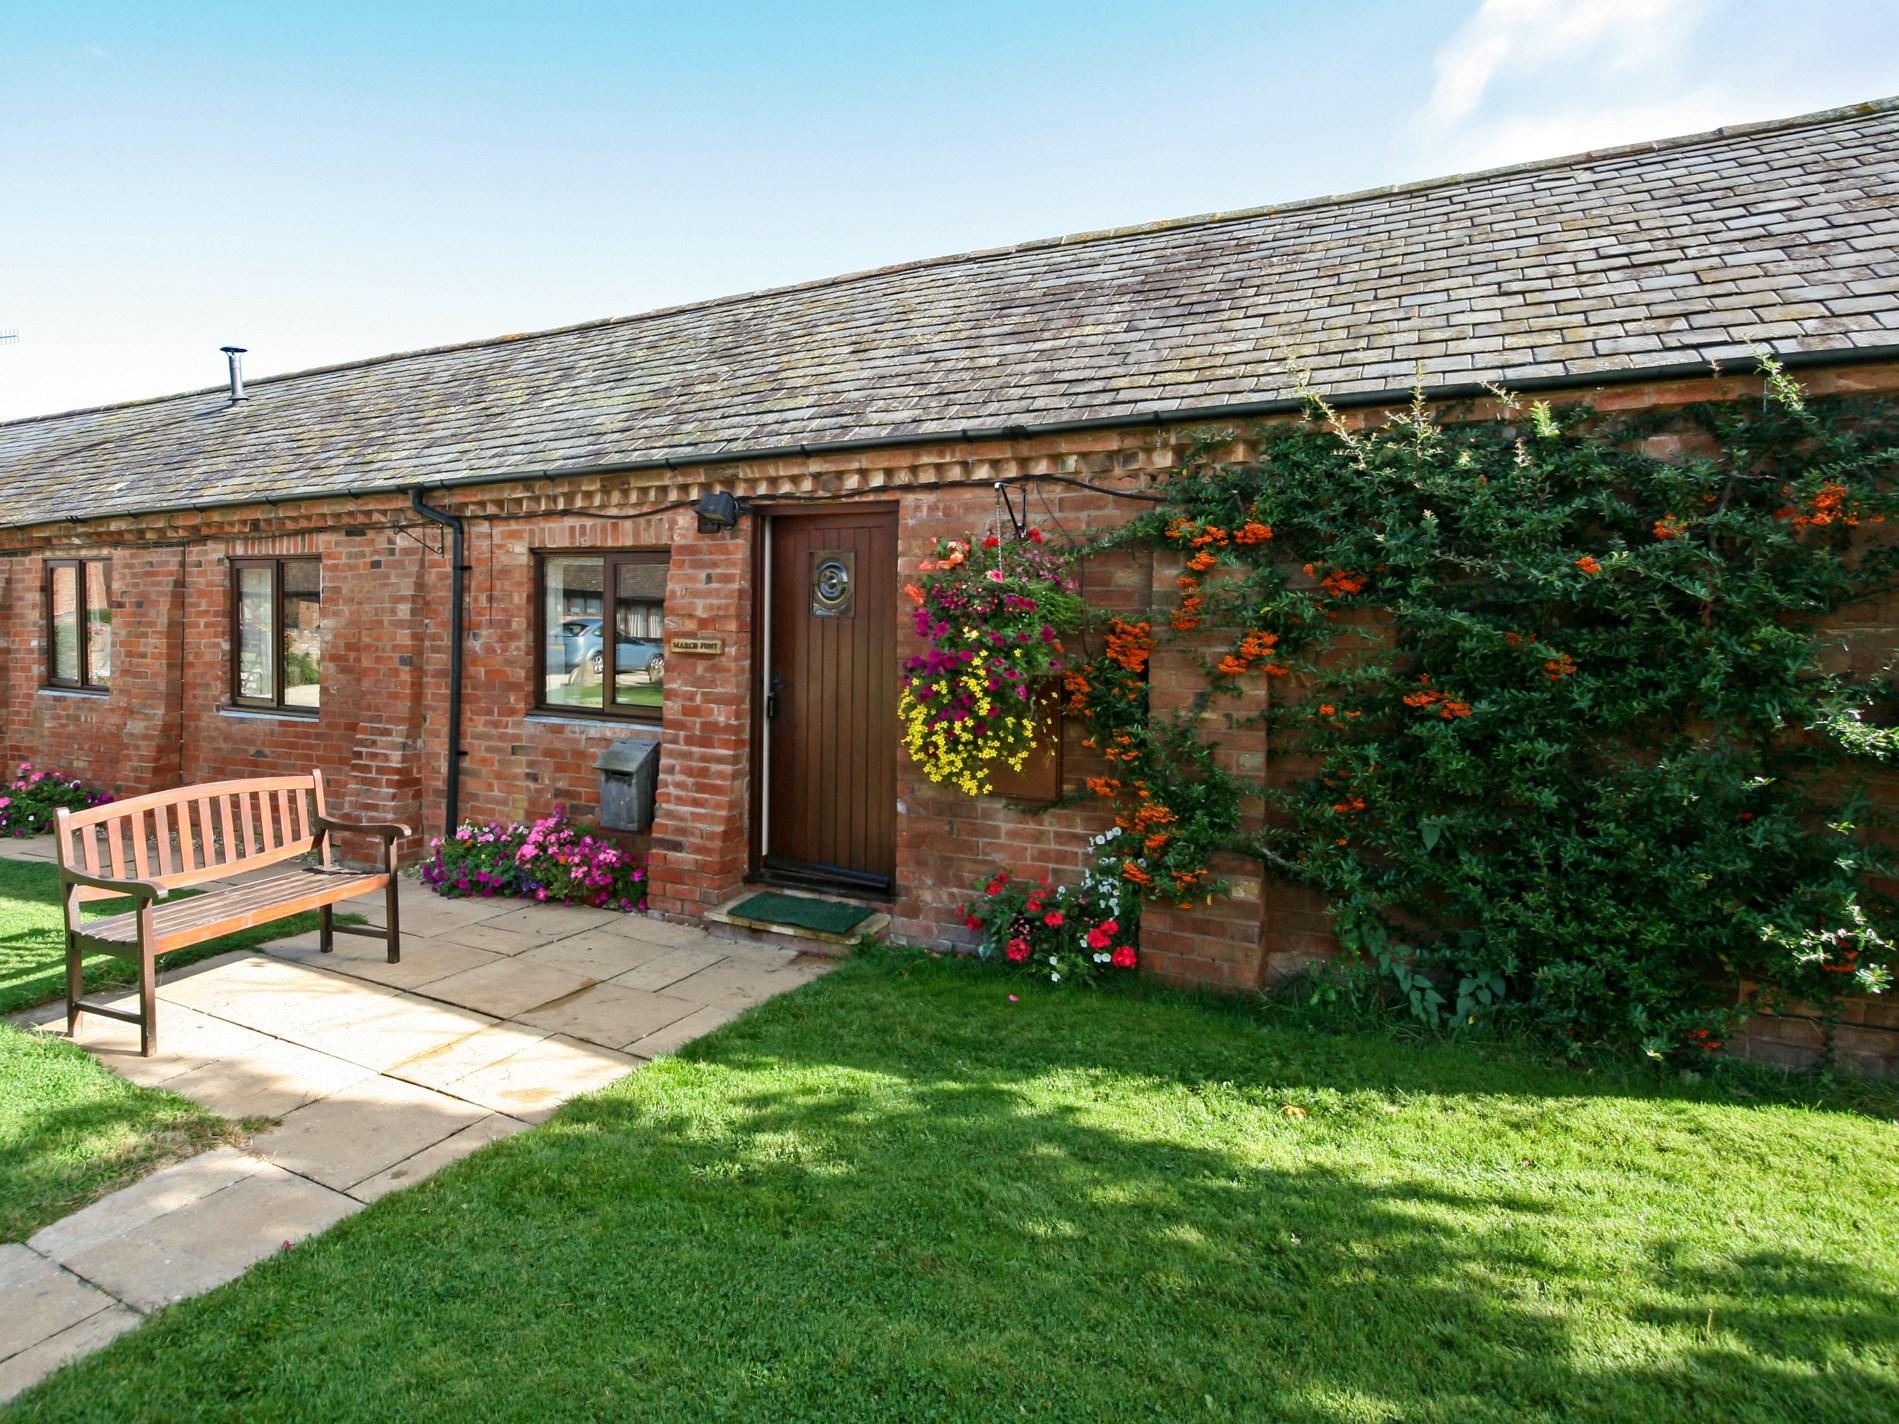 Ferienhaus in Stratford-upon-Avon